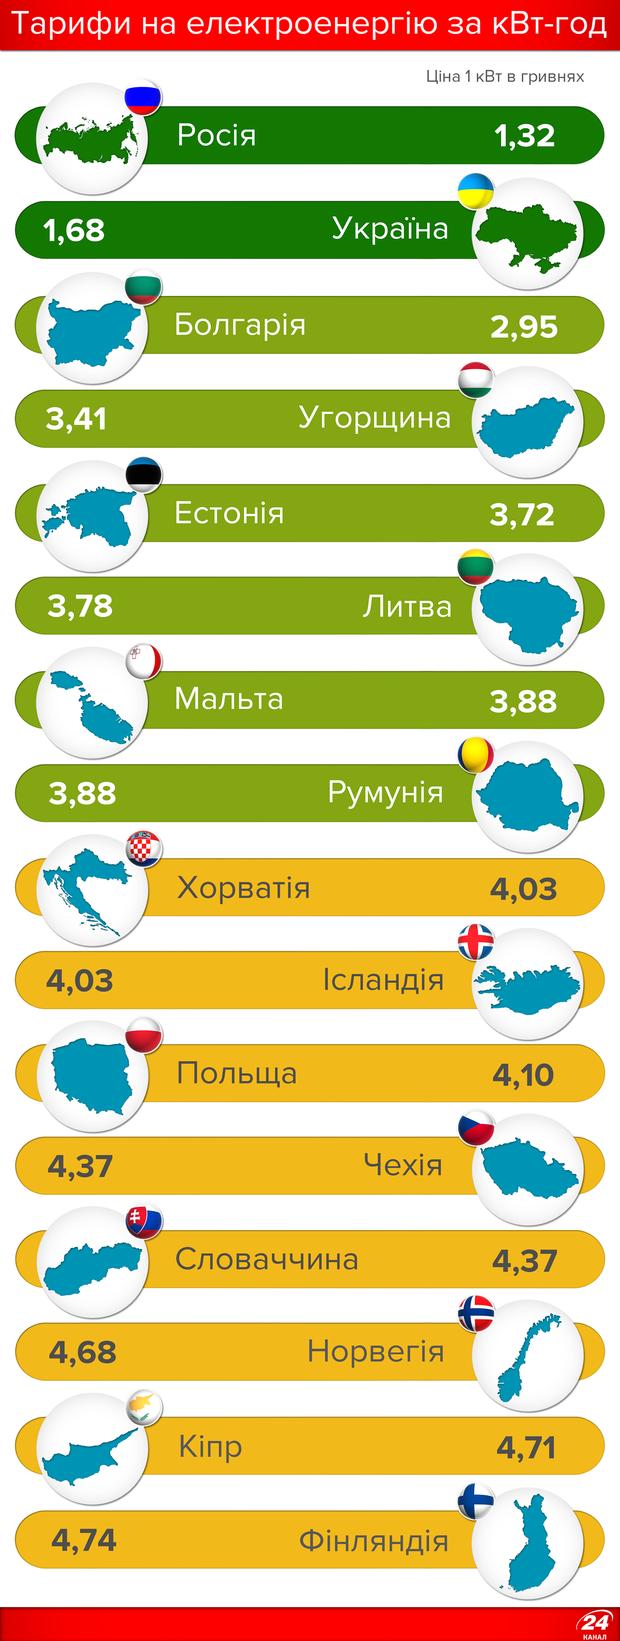 Тарифи на електроенергію в Україні та Європі